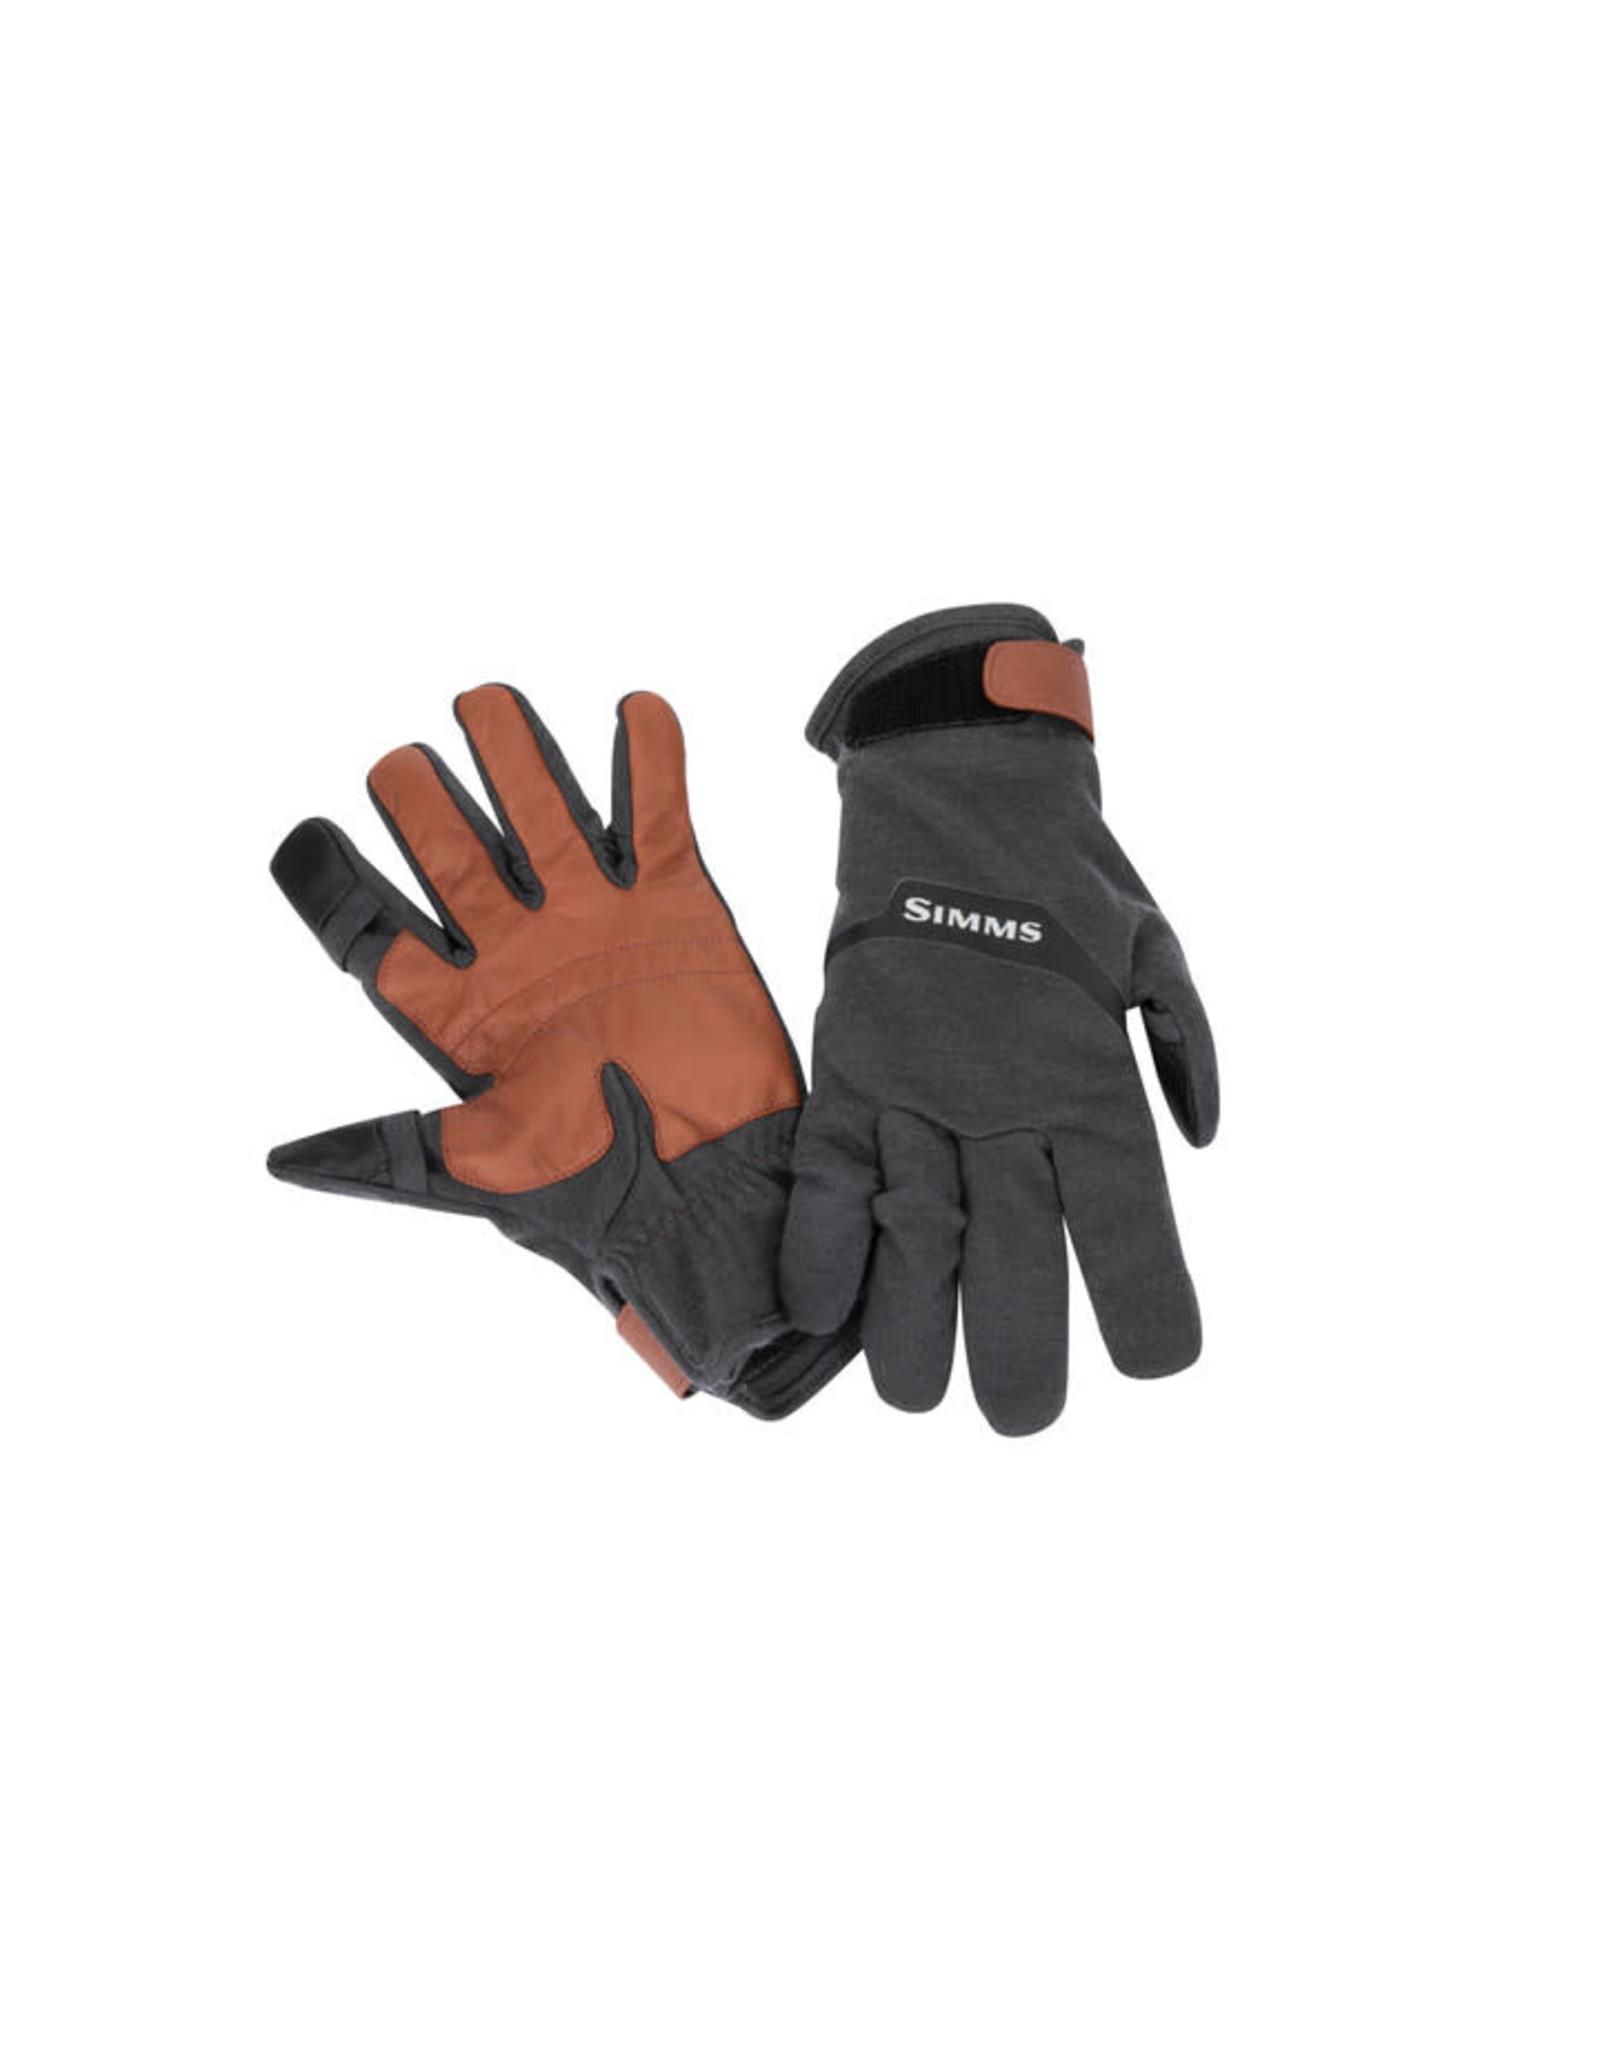 SIMMS Lightweight Wool Flex Glove - Carbon